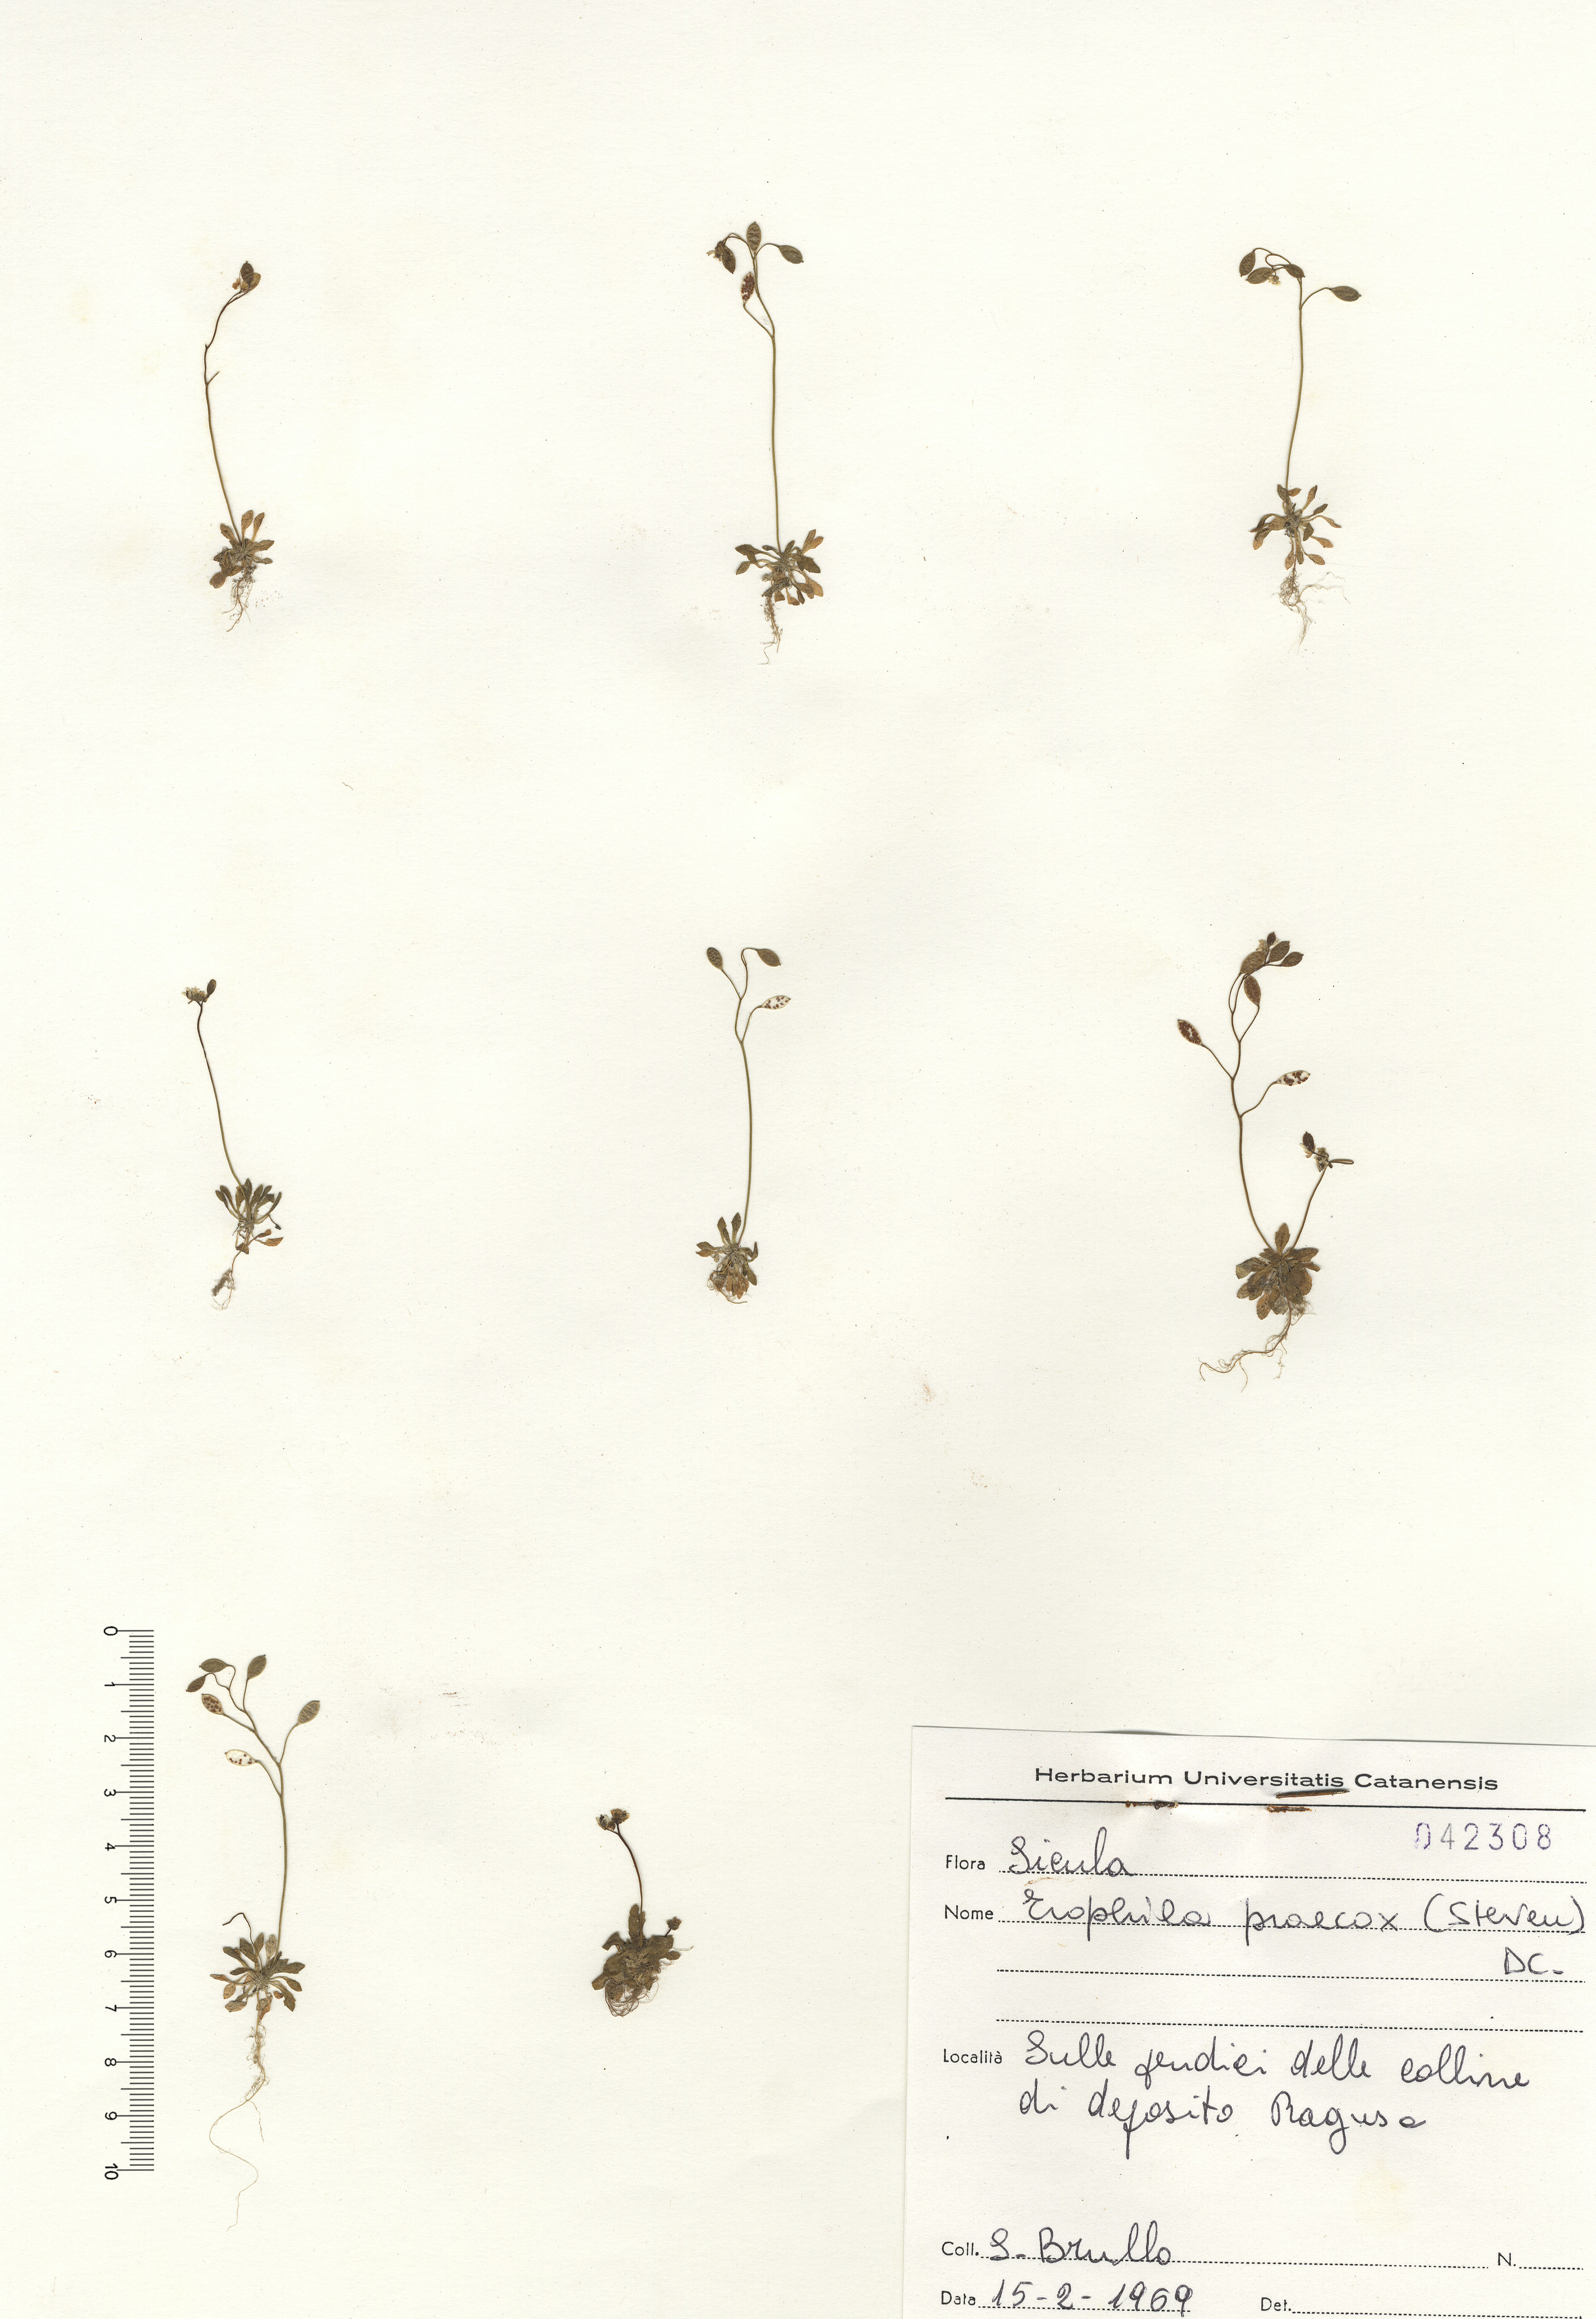 © Hortus Botanicus Catinensis - Herb. sheet 042308<br>